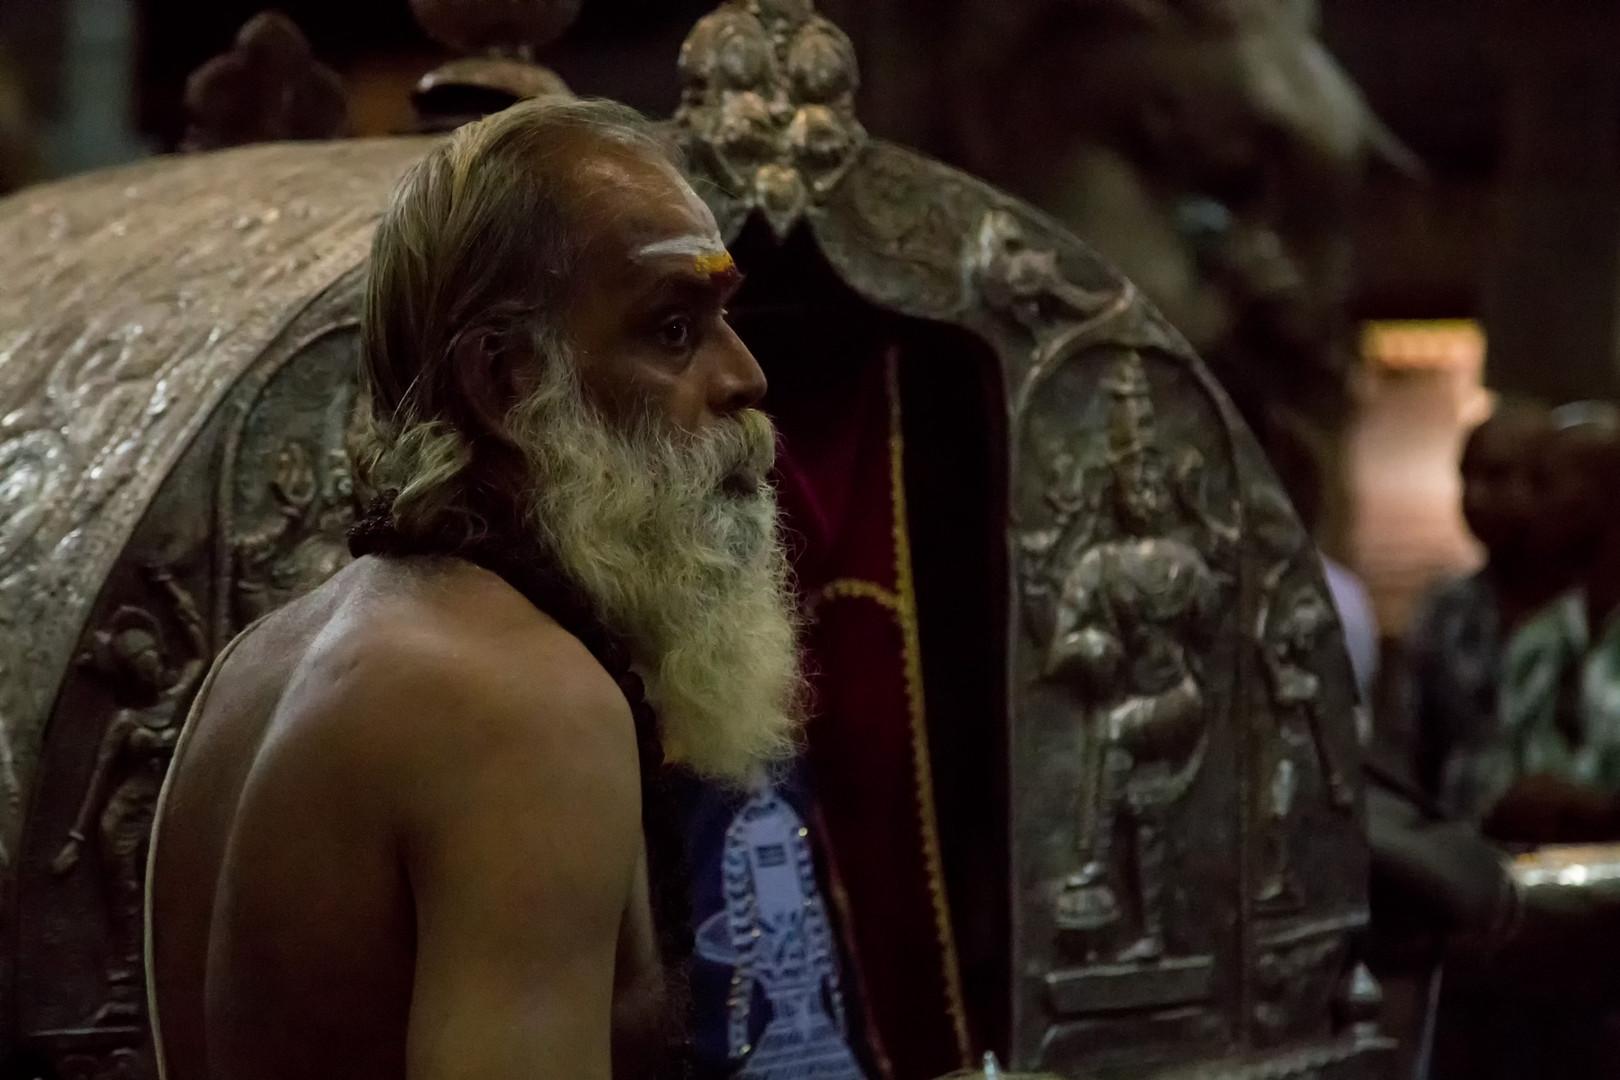 Shiva est transporté tous les soirs vers la chambre de Meenashi pour passer la nuit avec elle.